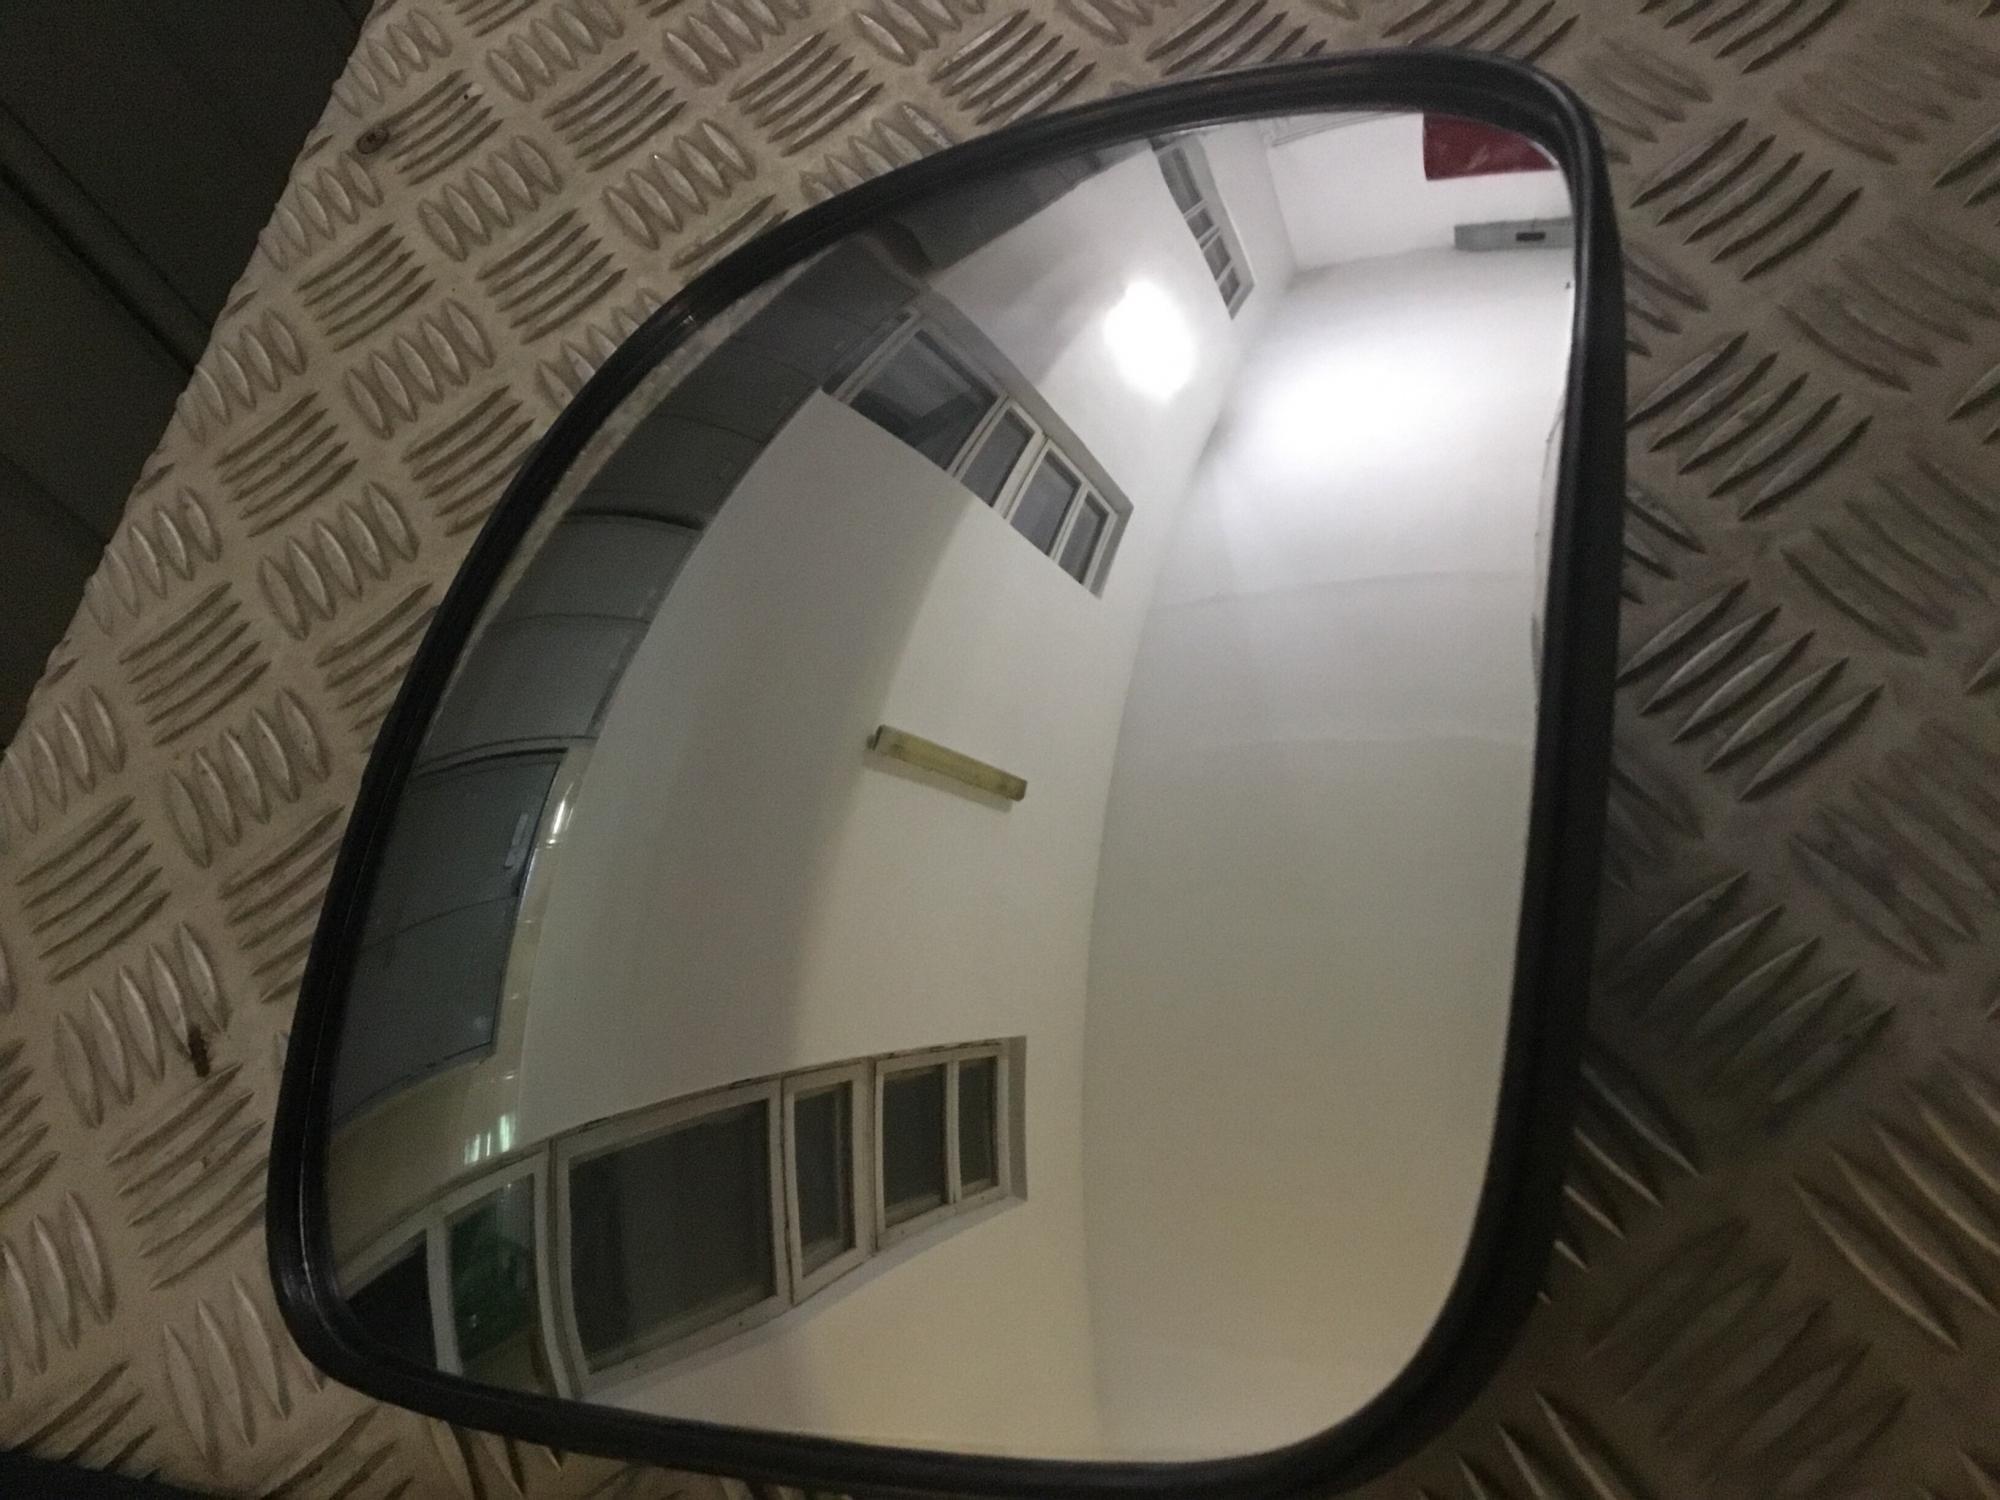 Зеркало заднего вида дополнительное новое 89999652296 купить 1